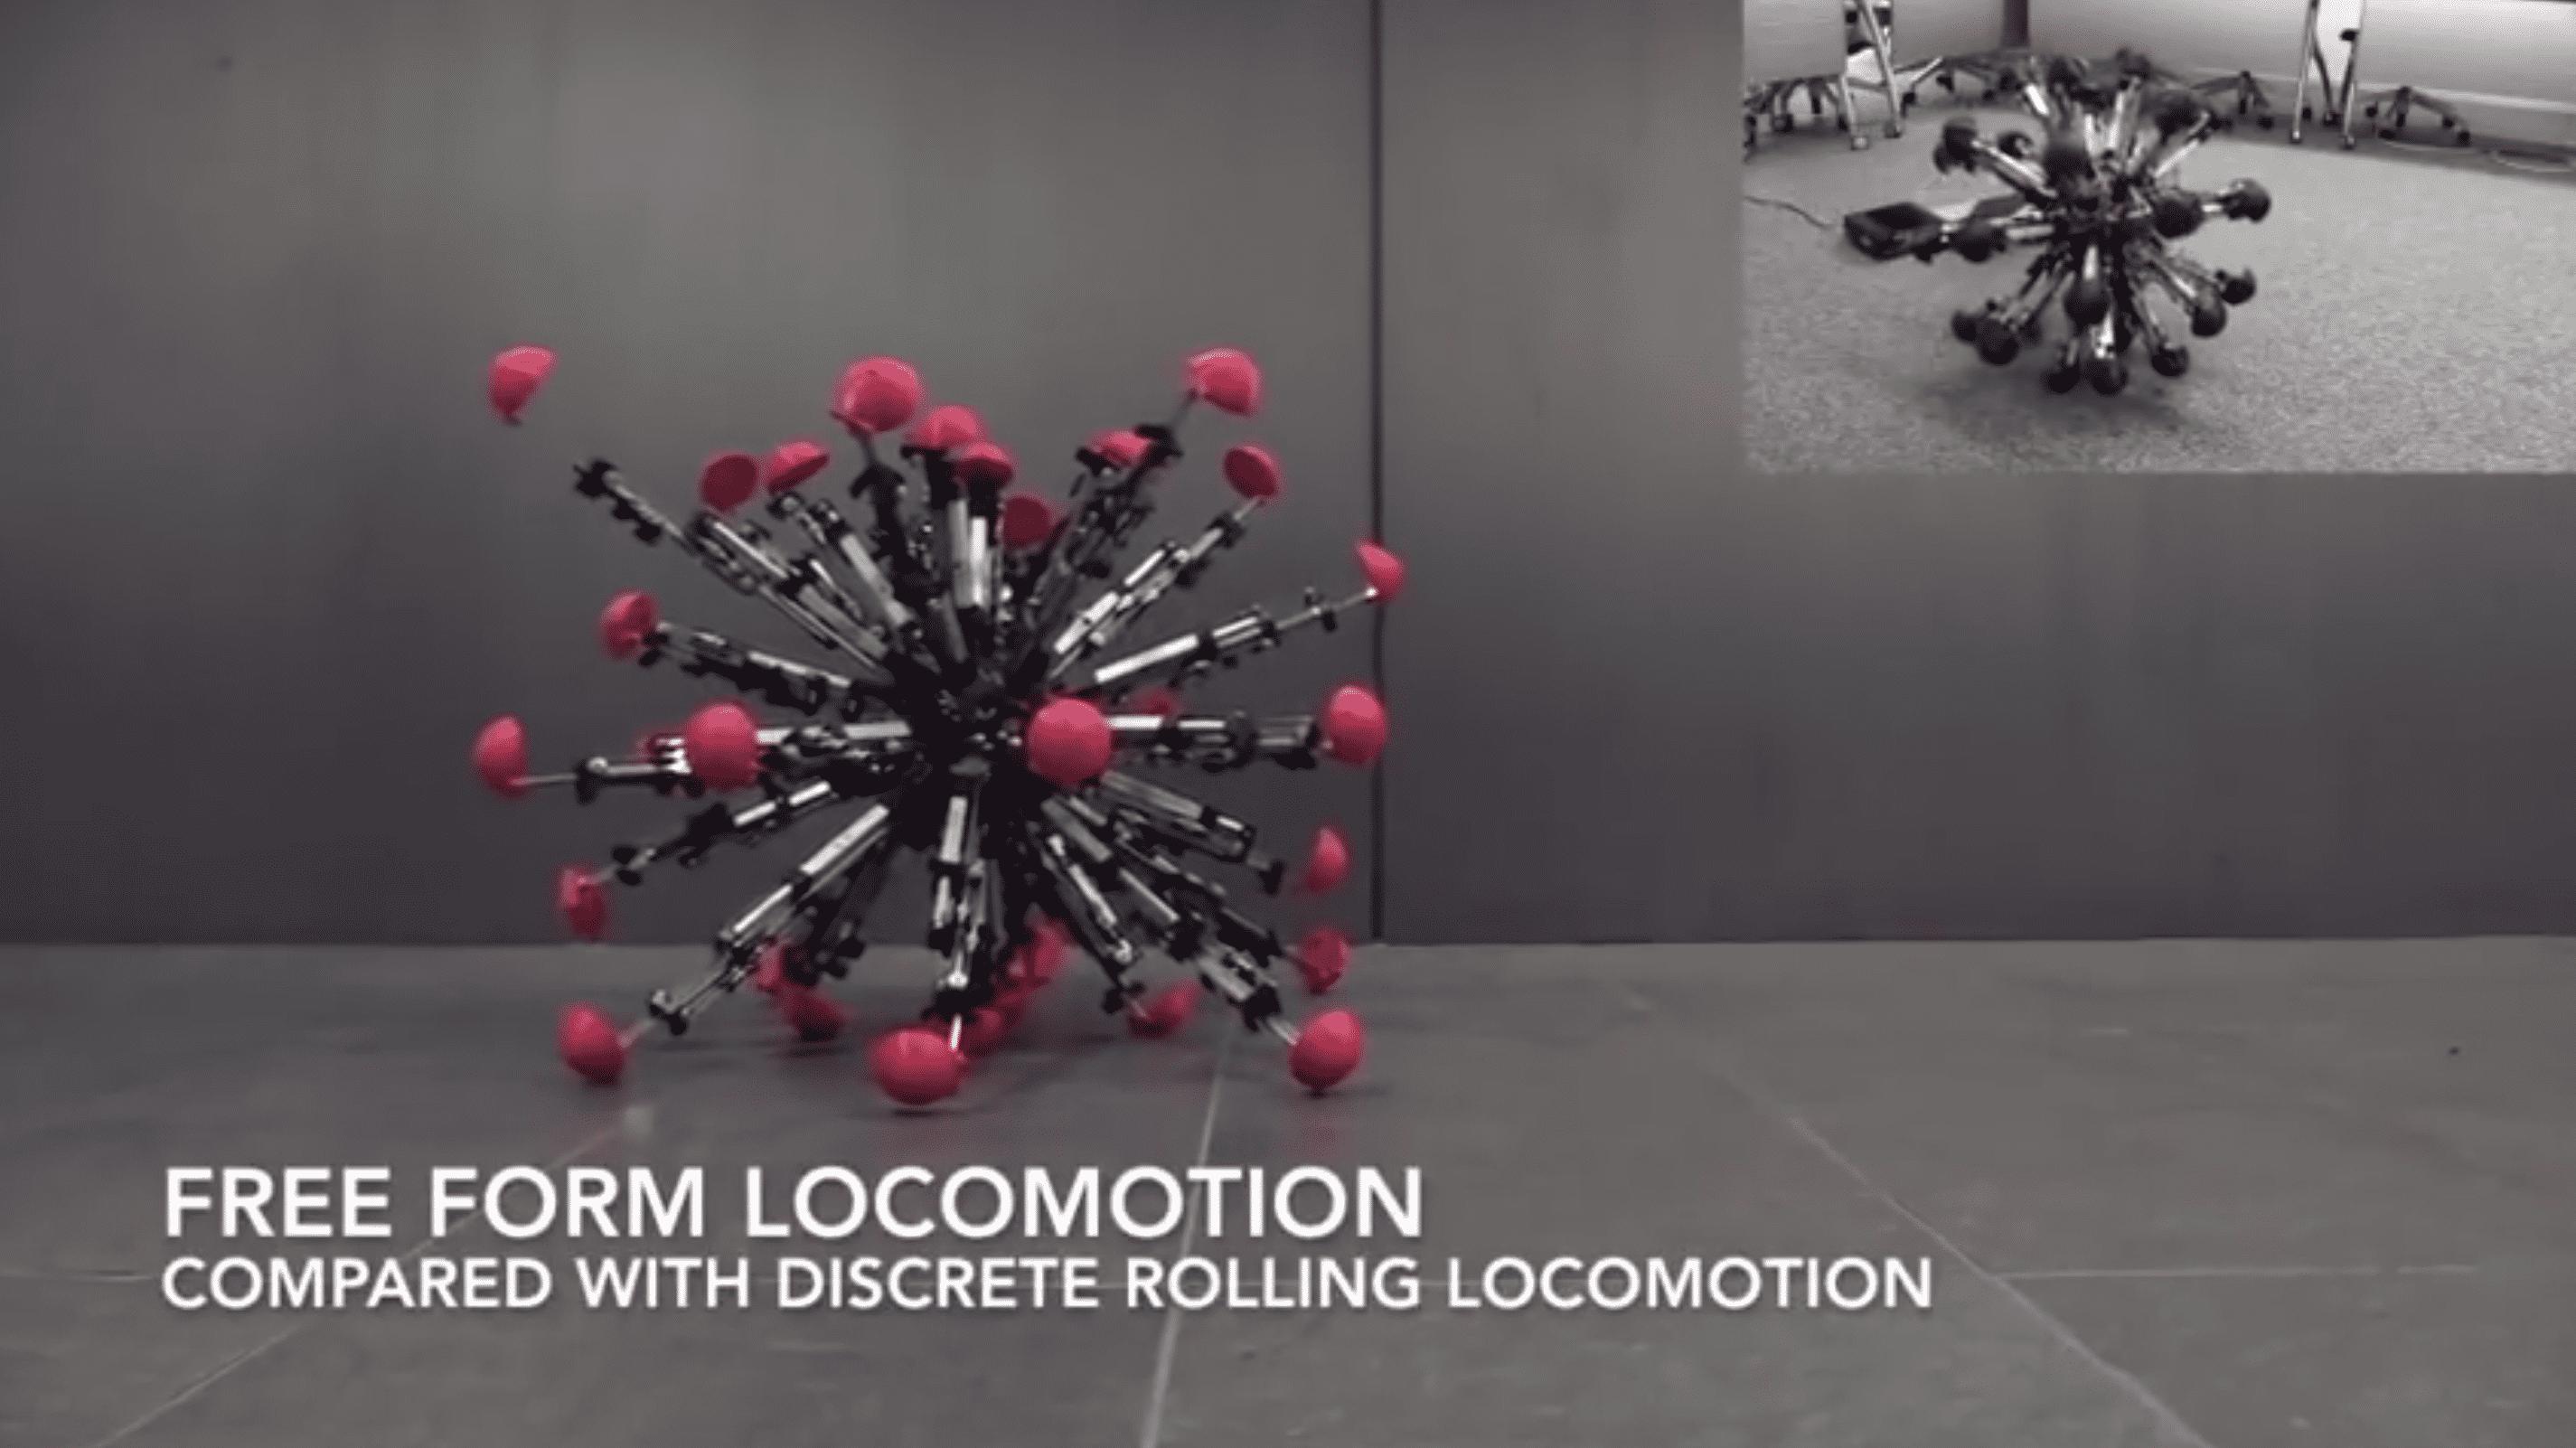 Neue Ideen für mobile Roboter: Hüpfefrosch und Krabbelkugel